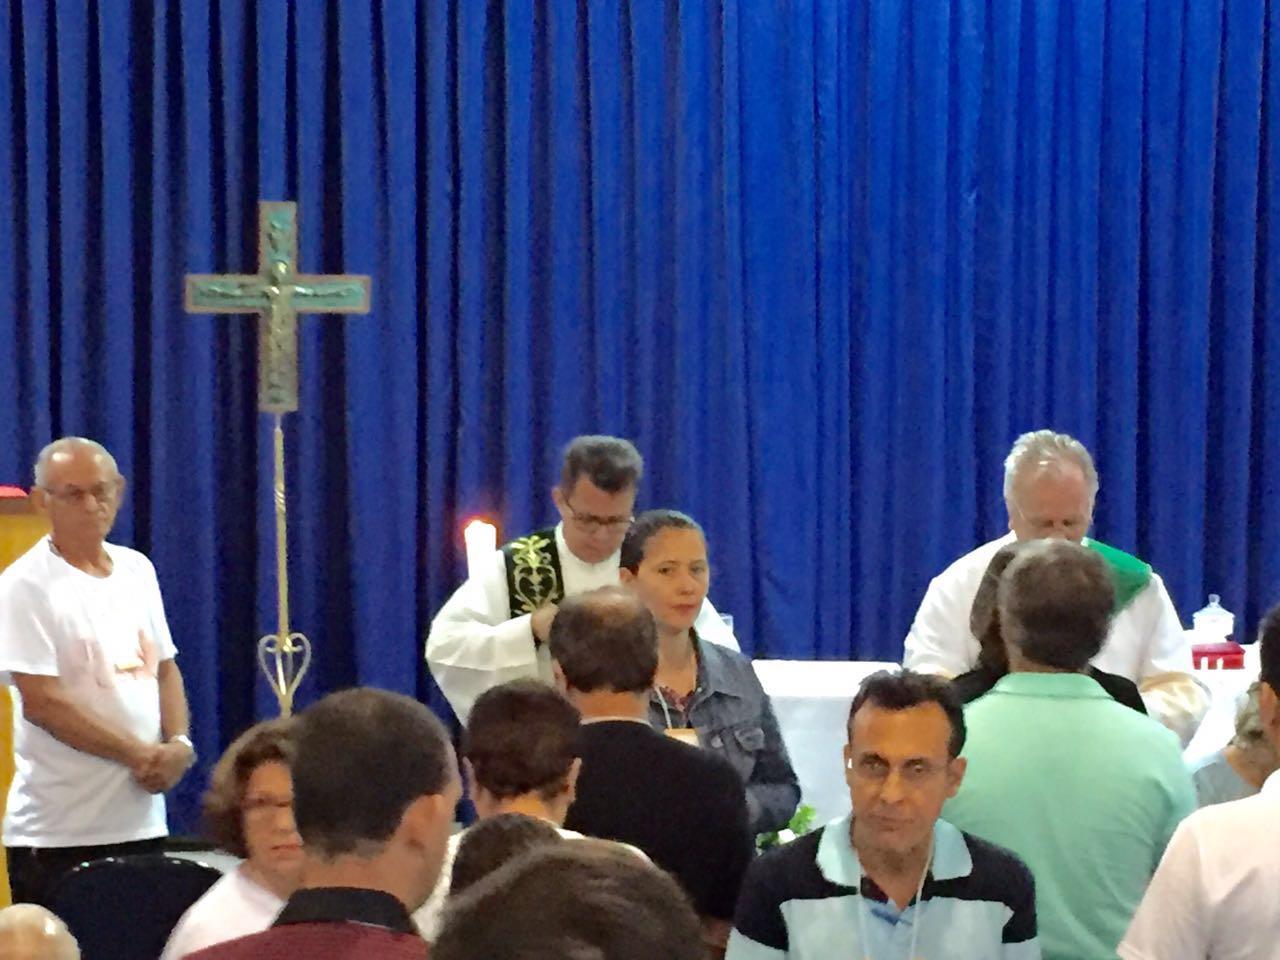 Curso de Formação Teologia do Corpo é realizado em Valadares